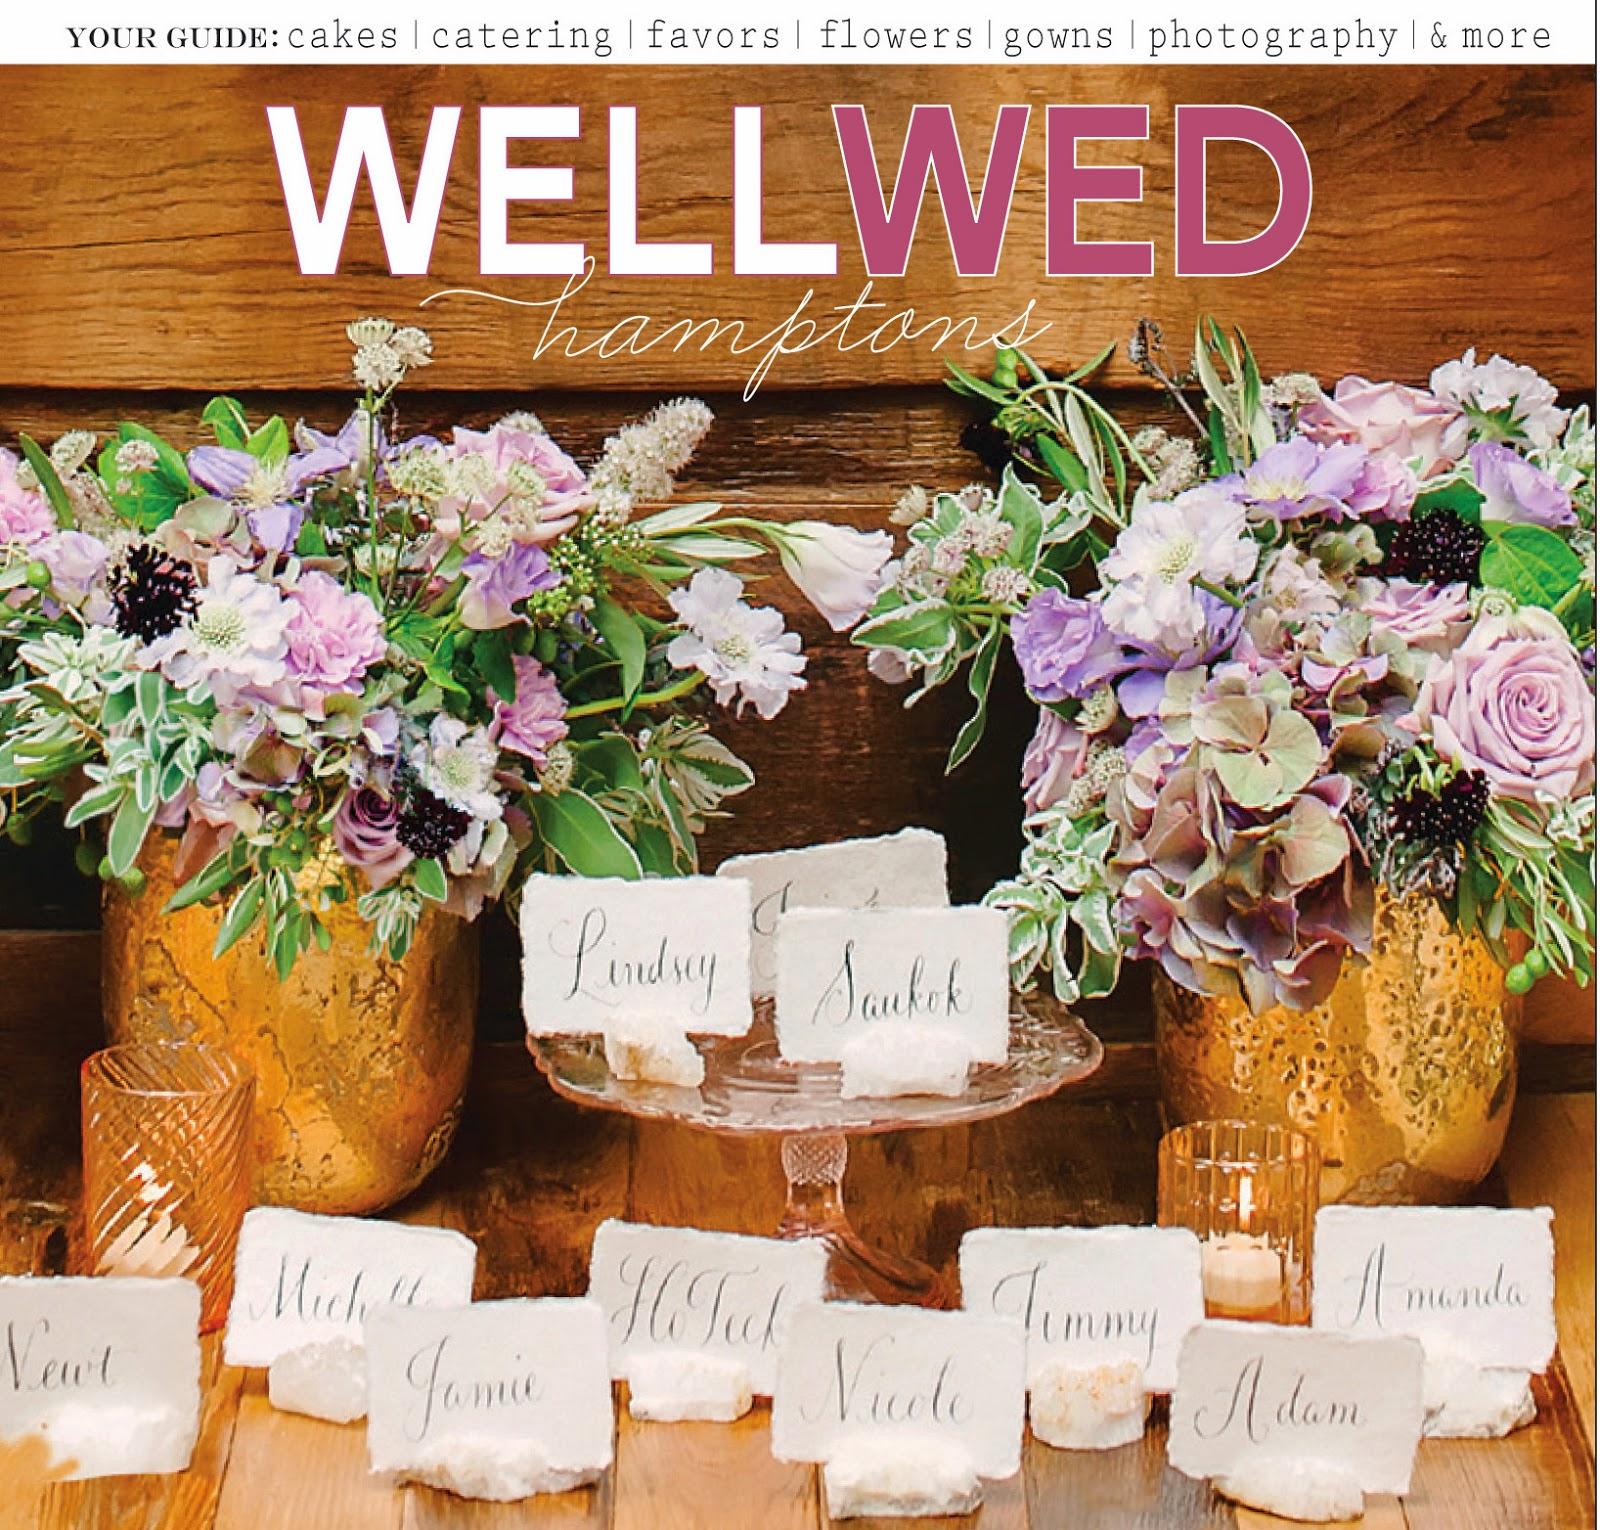 Westbury Gardens Wedding: For The Love Of Cake! By Garry & Ana Parzych: WellWed